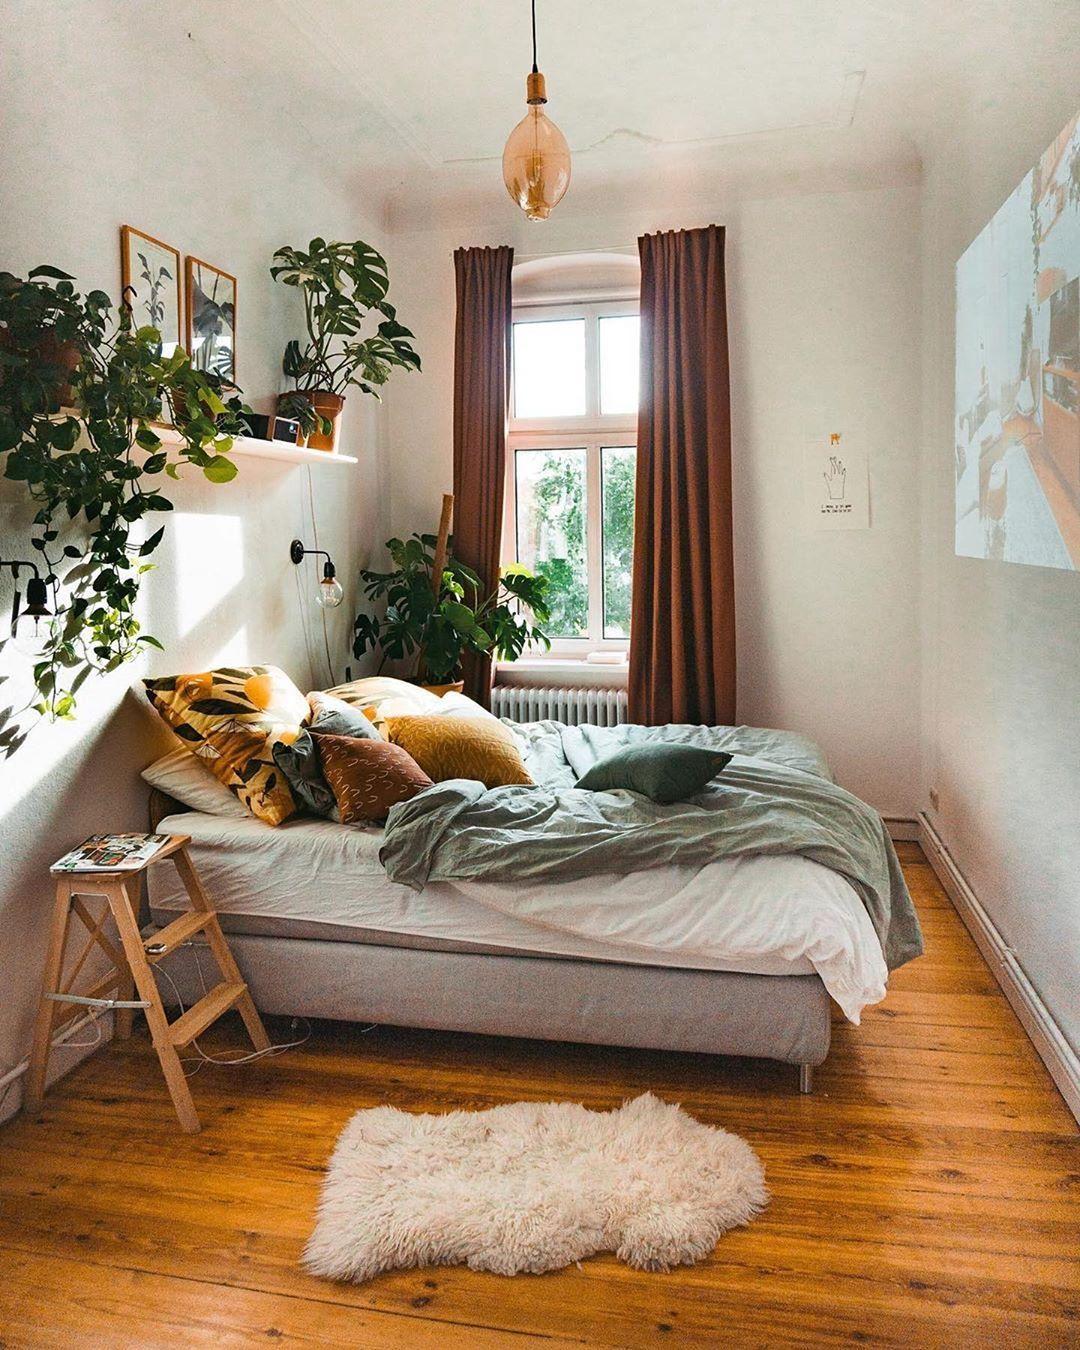 Slaapkamer inspiratie en ideeen zijn hier in overvloed te vinden #slaapkamerideeen